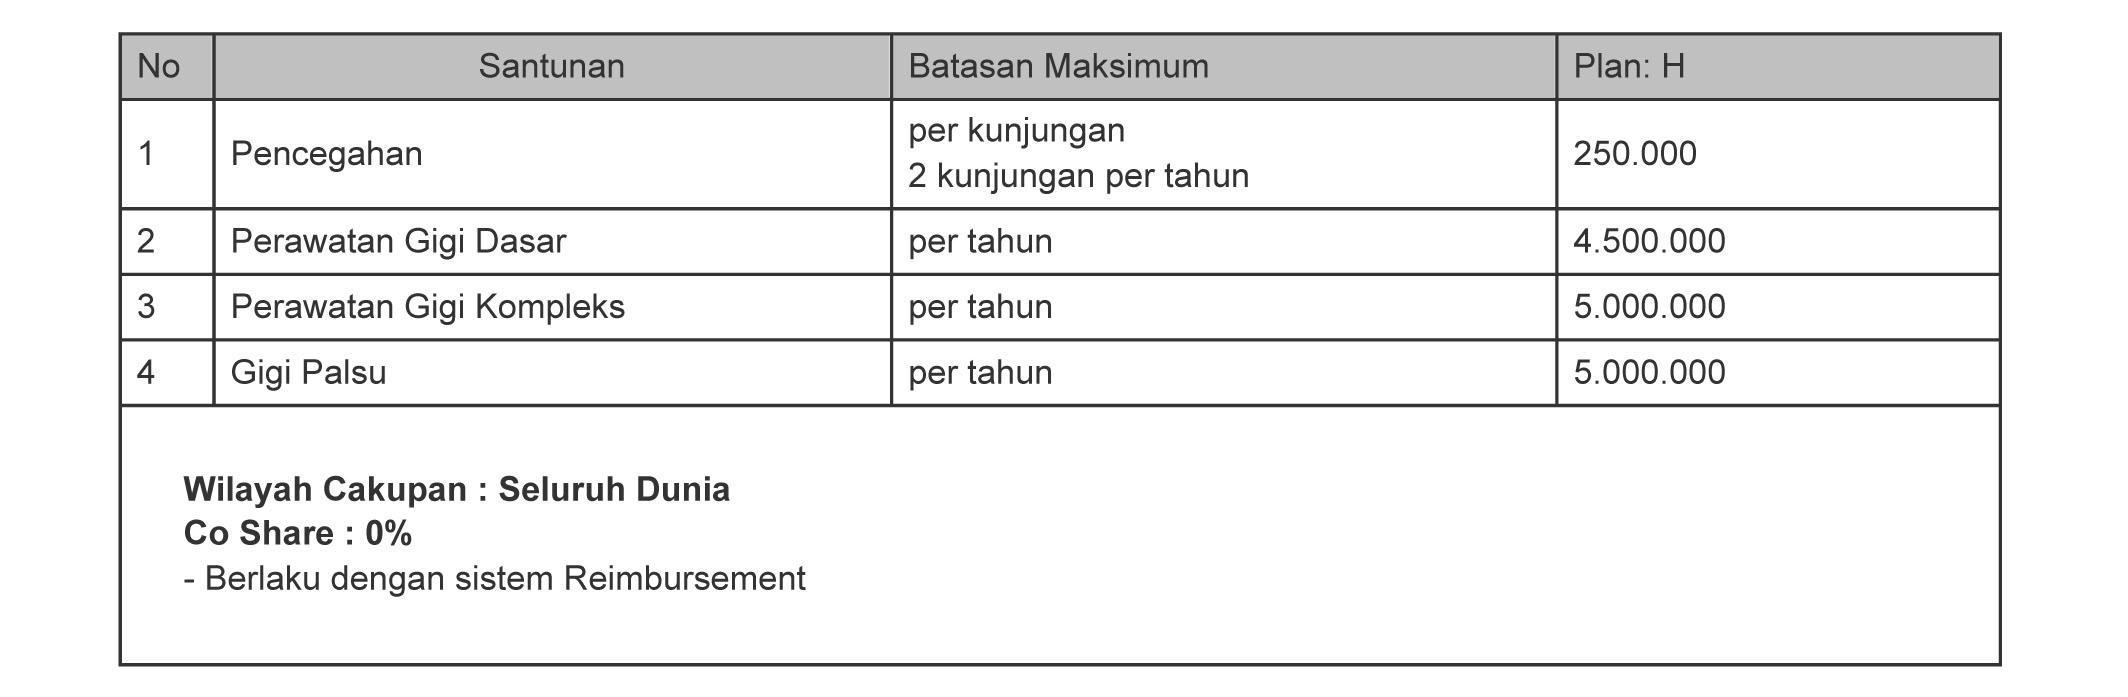 Tabel Manfaat Asuransi Rawat Gigi Smarthealth Maxi Violet atau Allisya Care Plan H